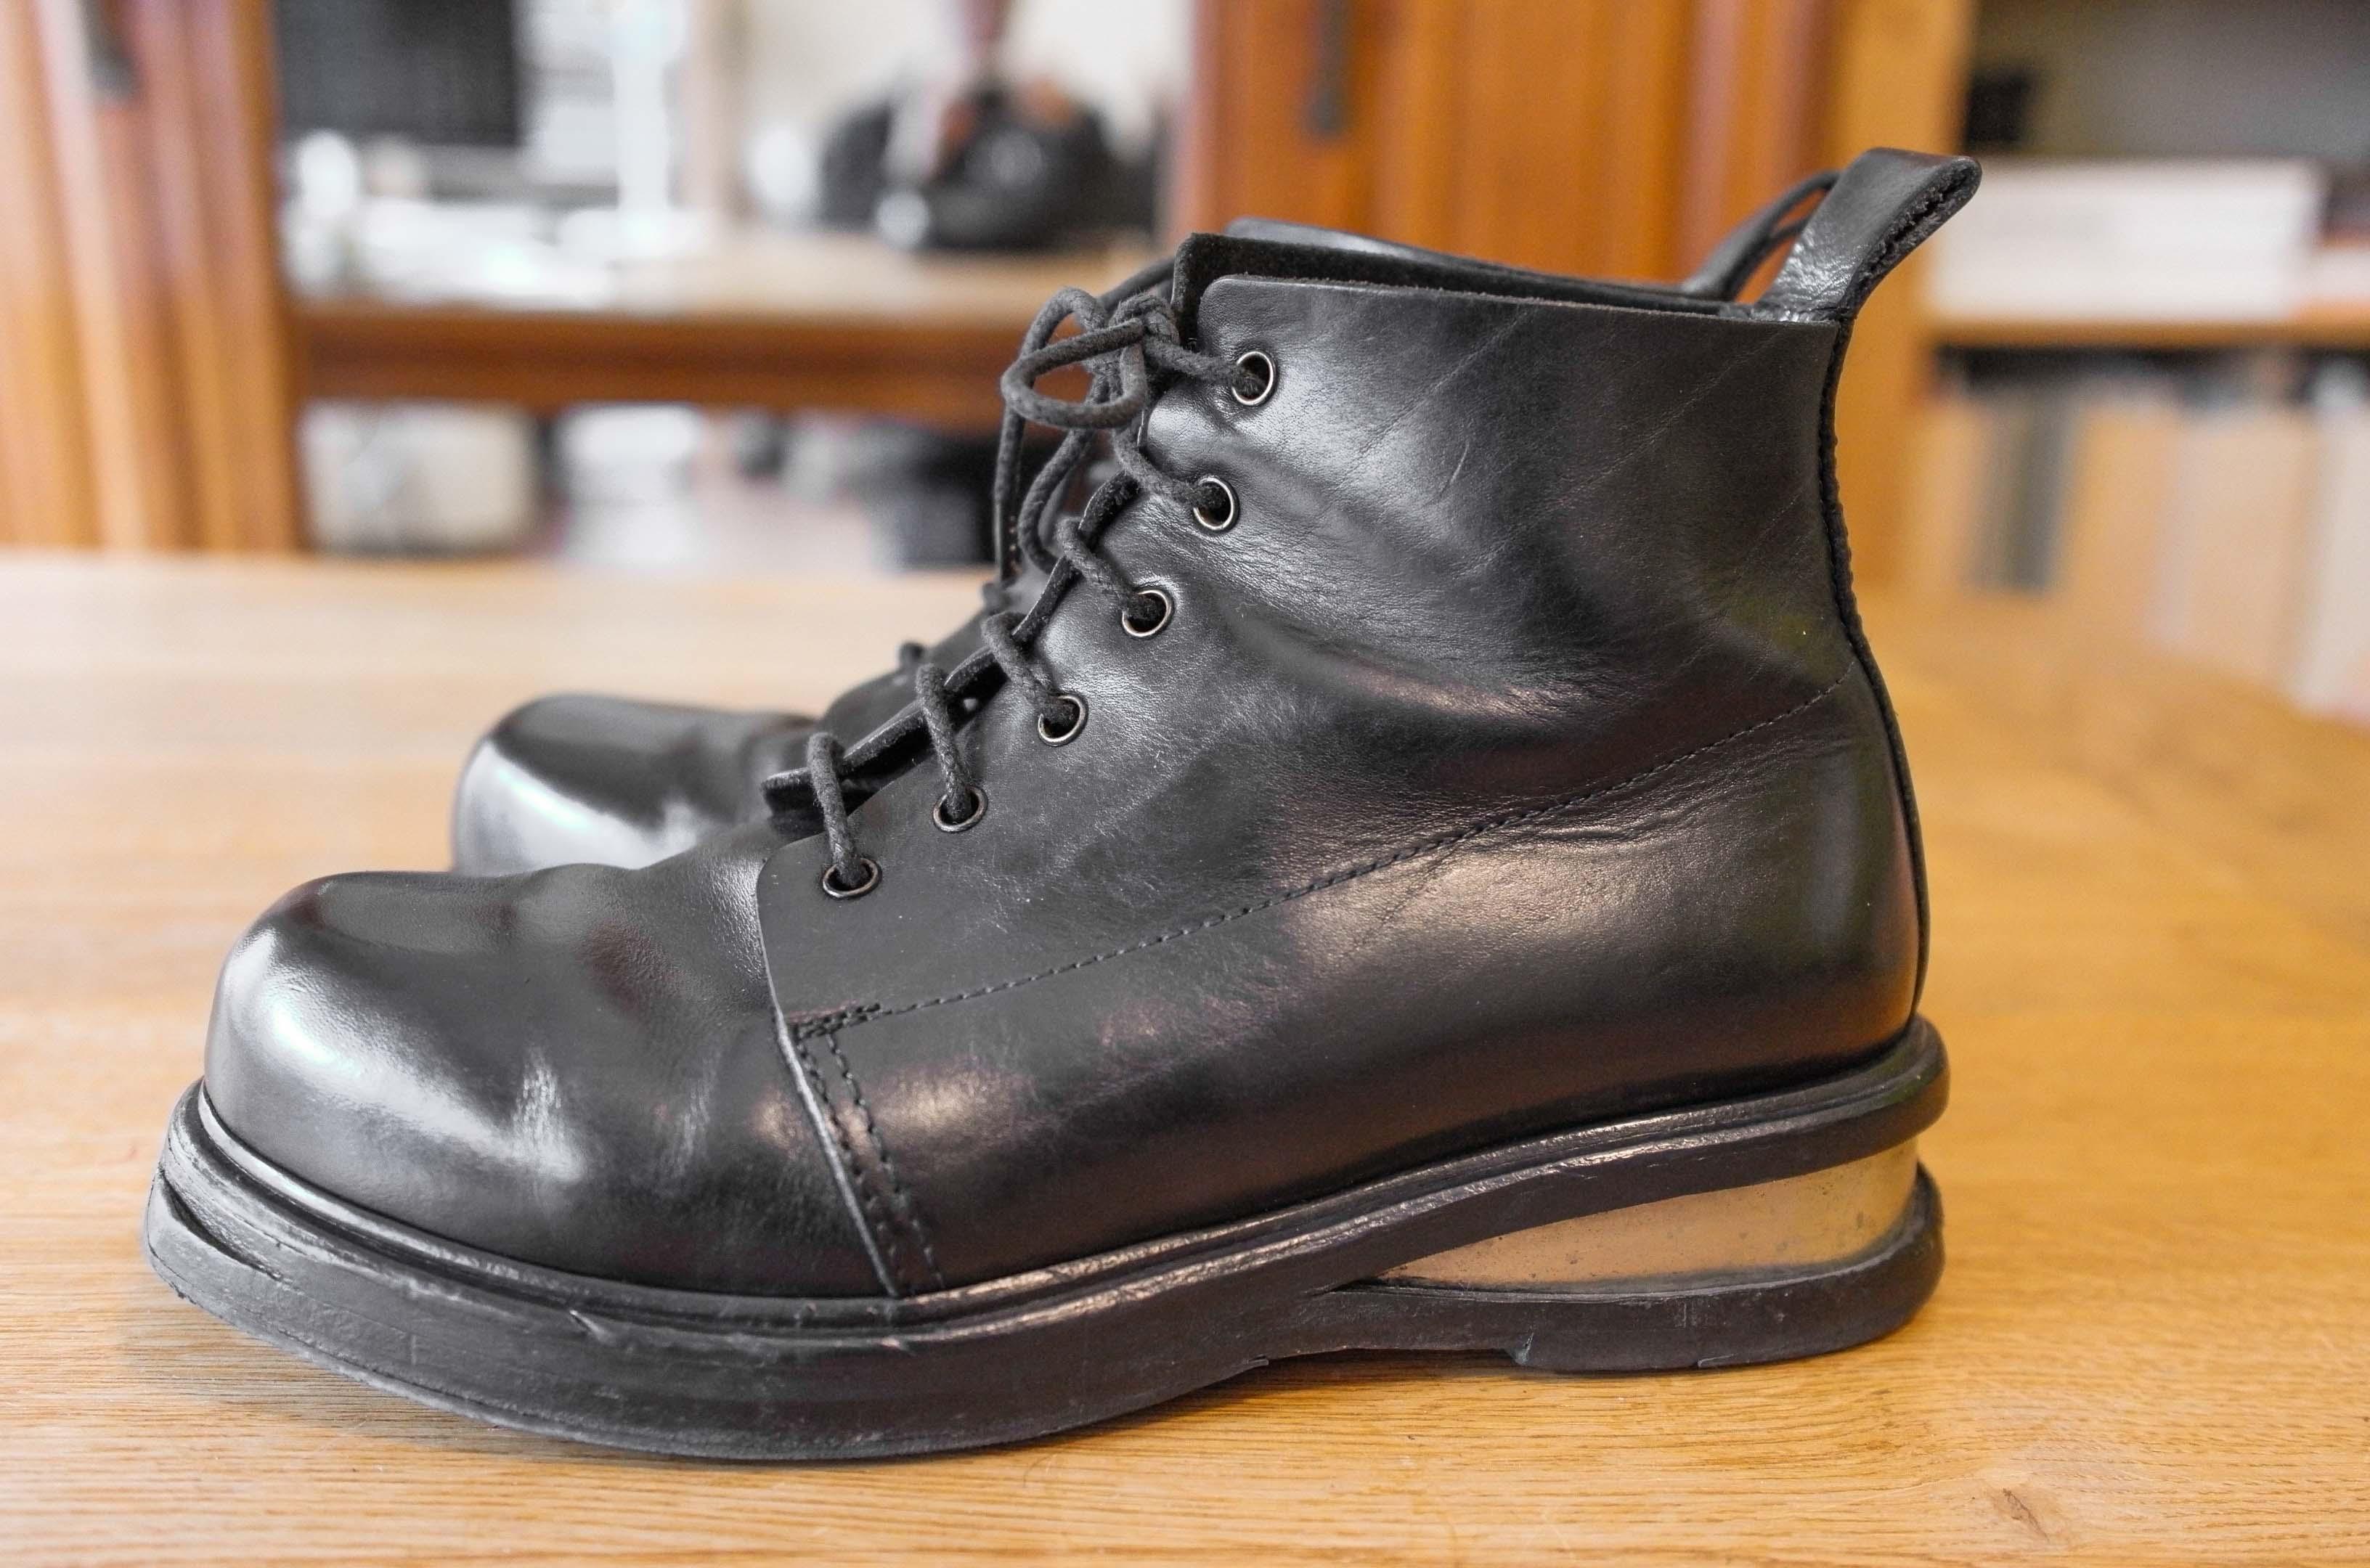 ef324ad7462 Dirk Bikkembergs. Antwerp 6 period 90s black metal heel combat boots. Size   US 7.5 ...